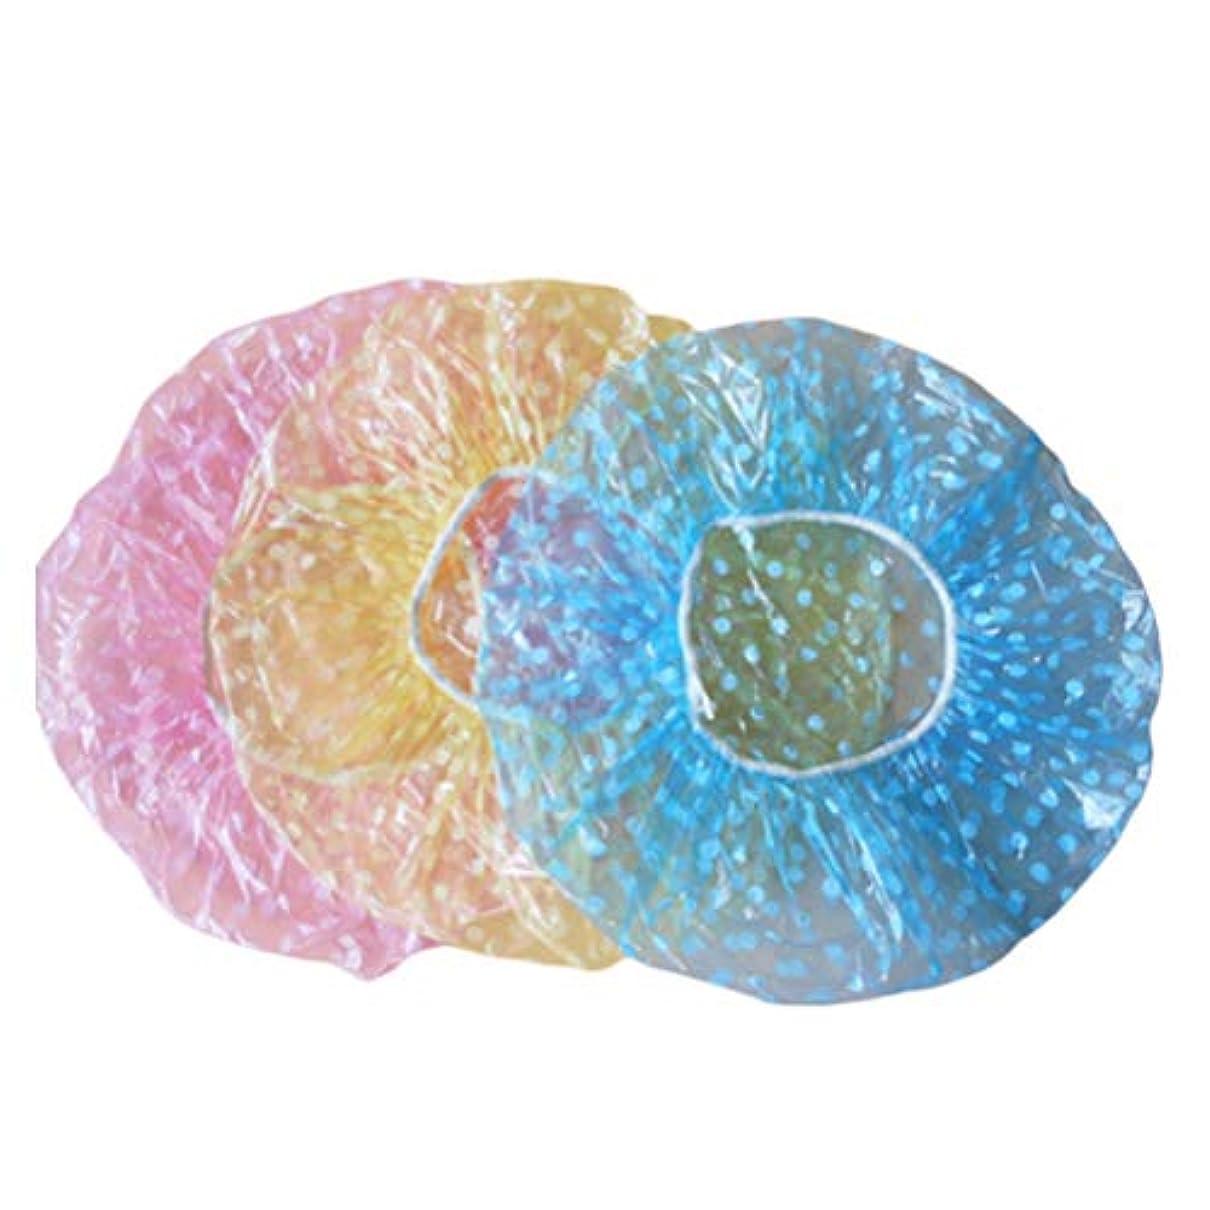 エンドテーブル人生を作るだらしないFrcolor シャワーキャップ お風呂 キャップ レディース 使い捨てキャップ シャワー サロン用 60枚セット(混色)